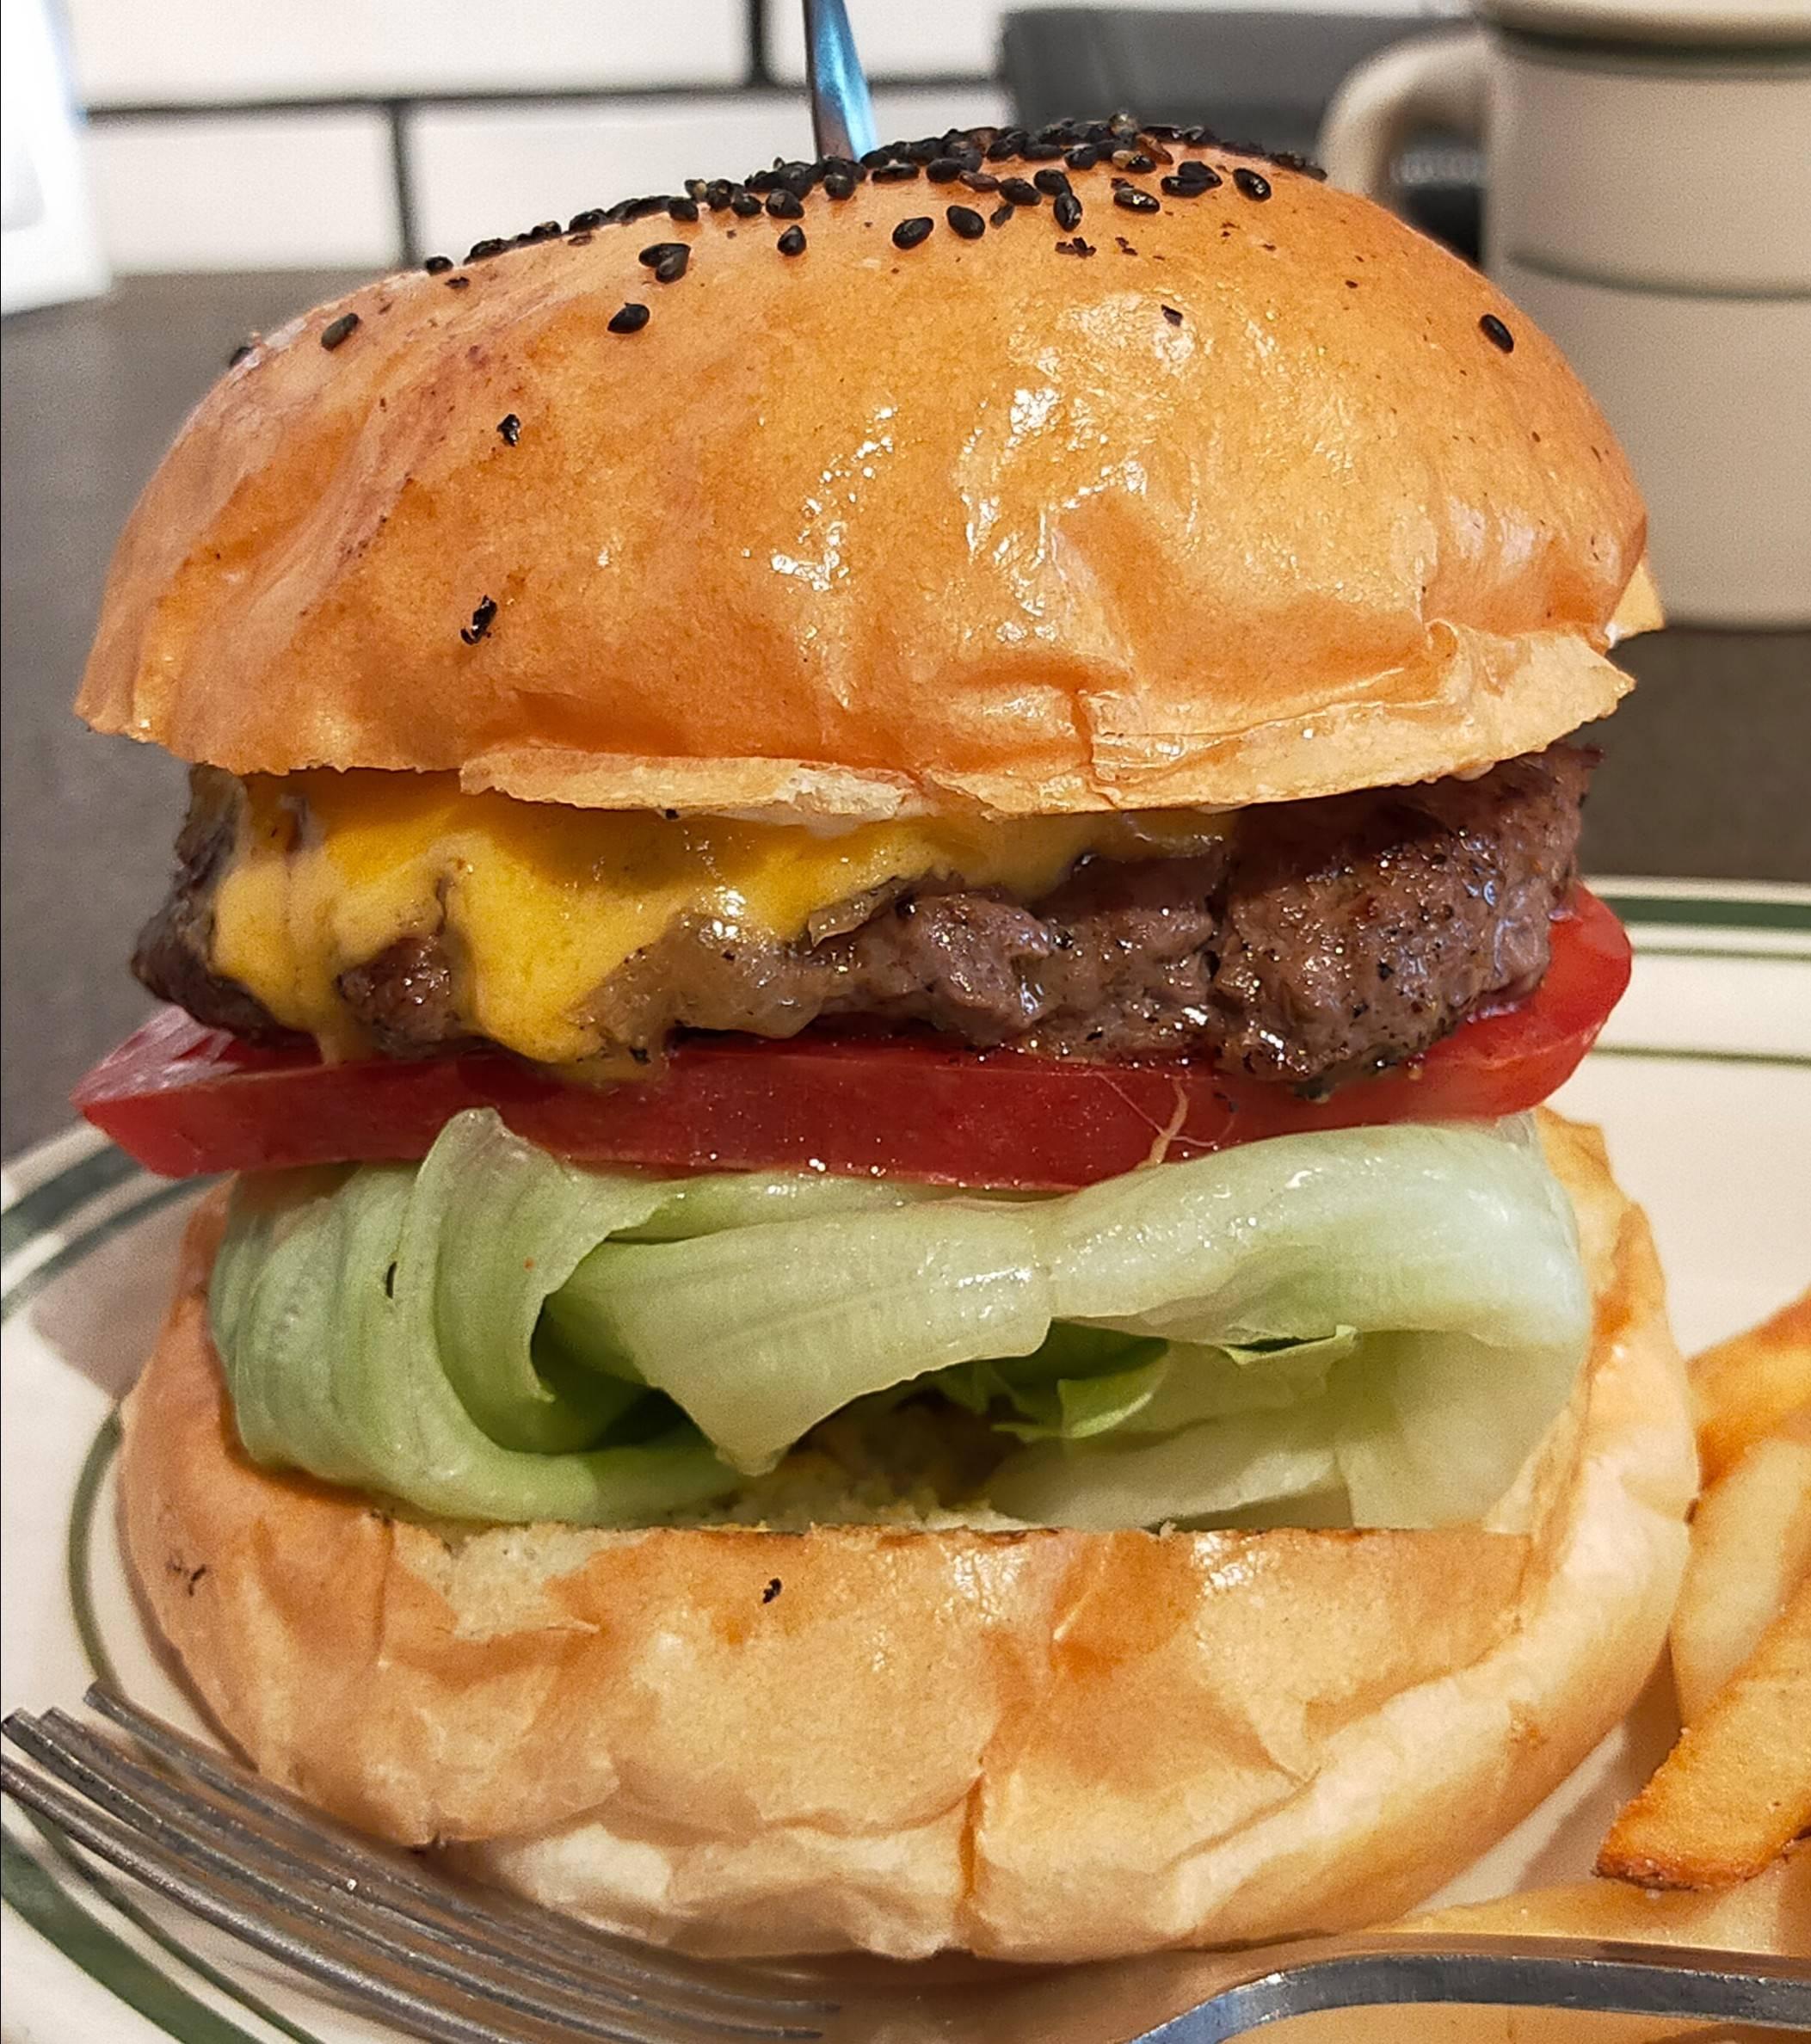 【画像有】このレベルの「チーズバーガー」に告白されたら付き合える?????